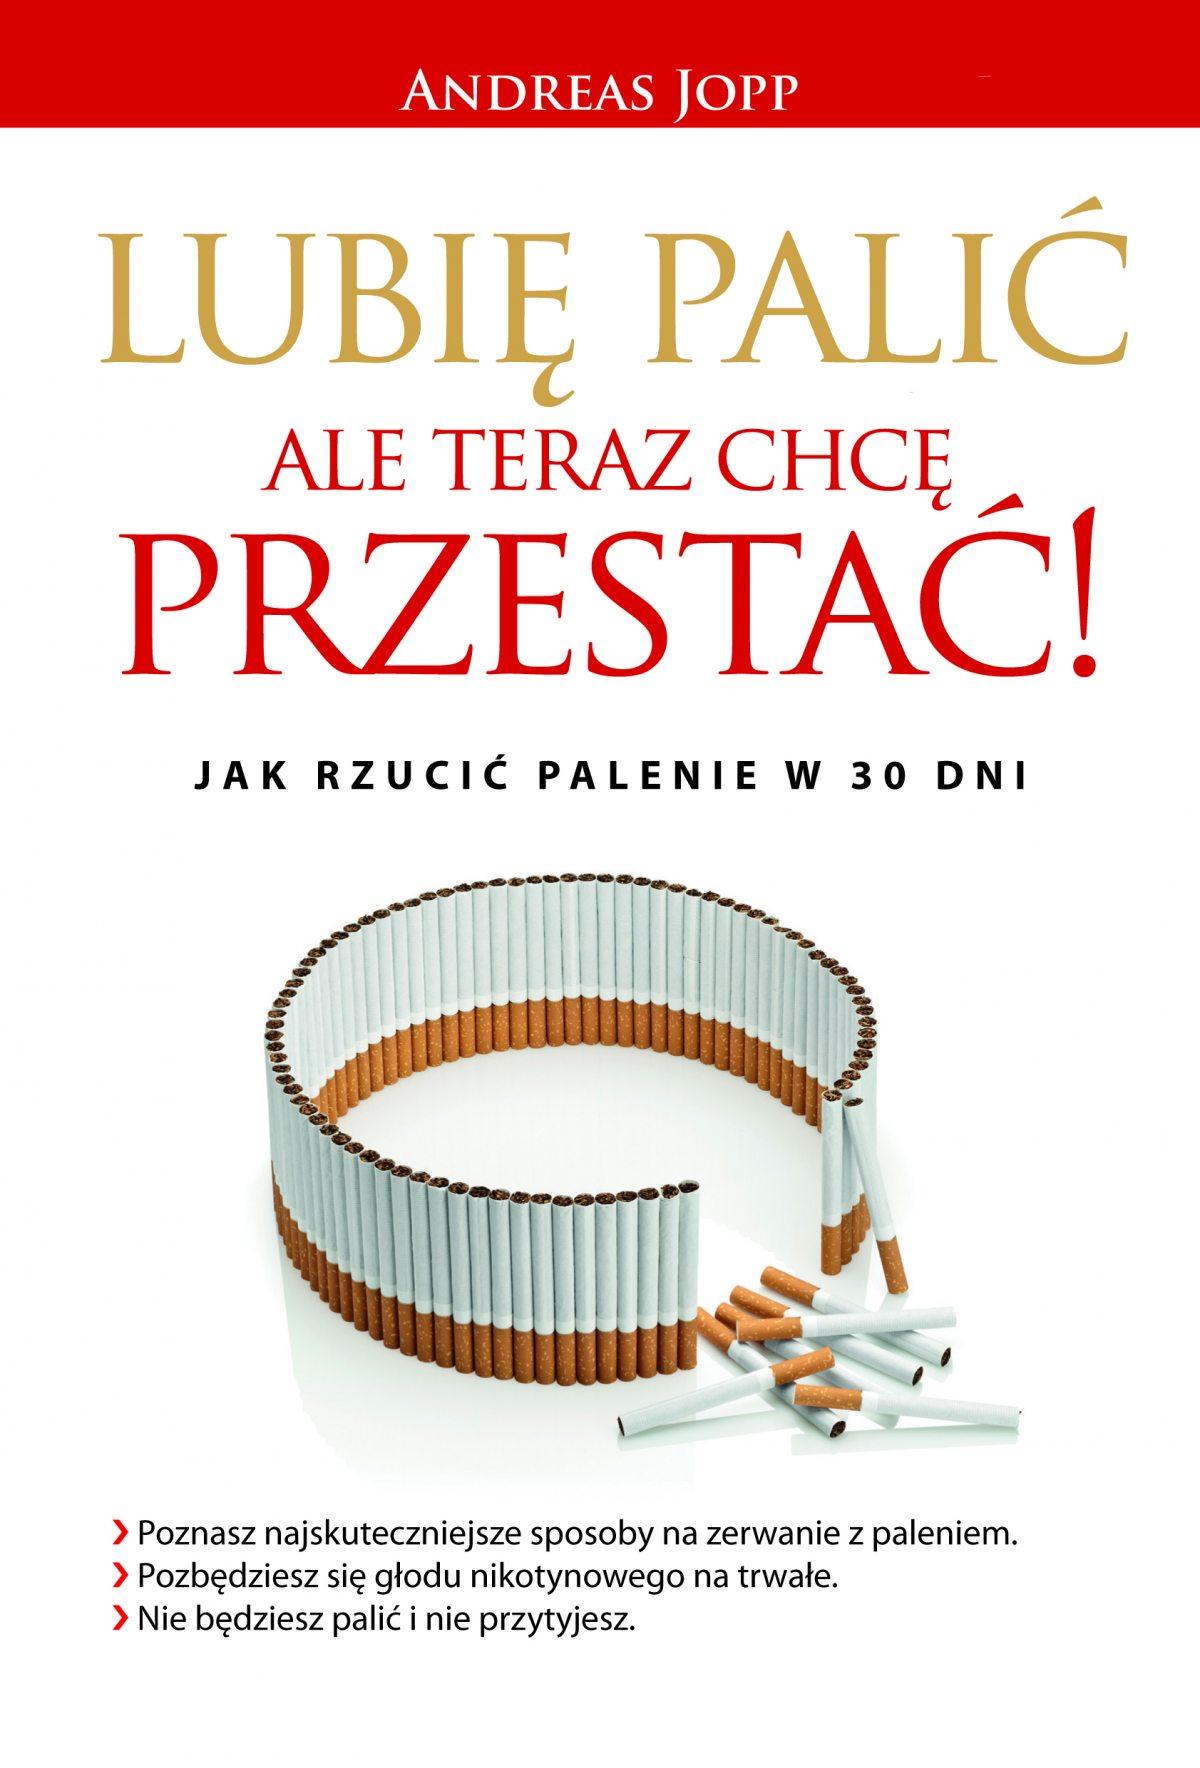 Lubię palić. Ale teraz chcę przestać! Jak rzucić palenie w 30 dni - Ebook (Książka na Kindle) do pobrania w formacie MOBI